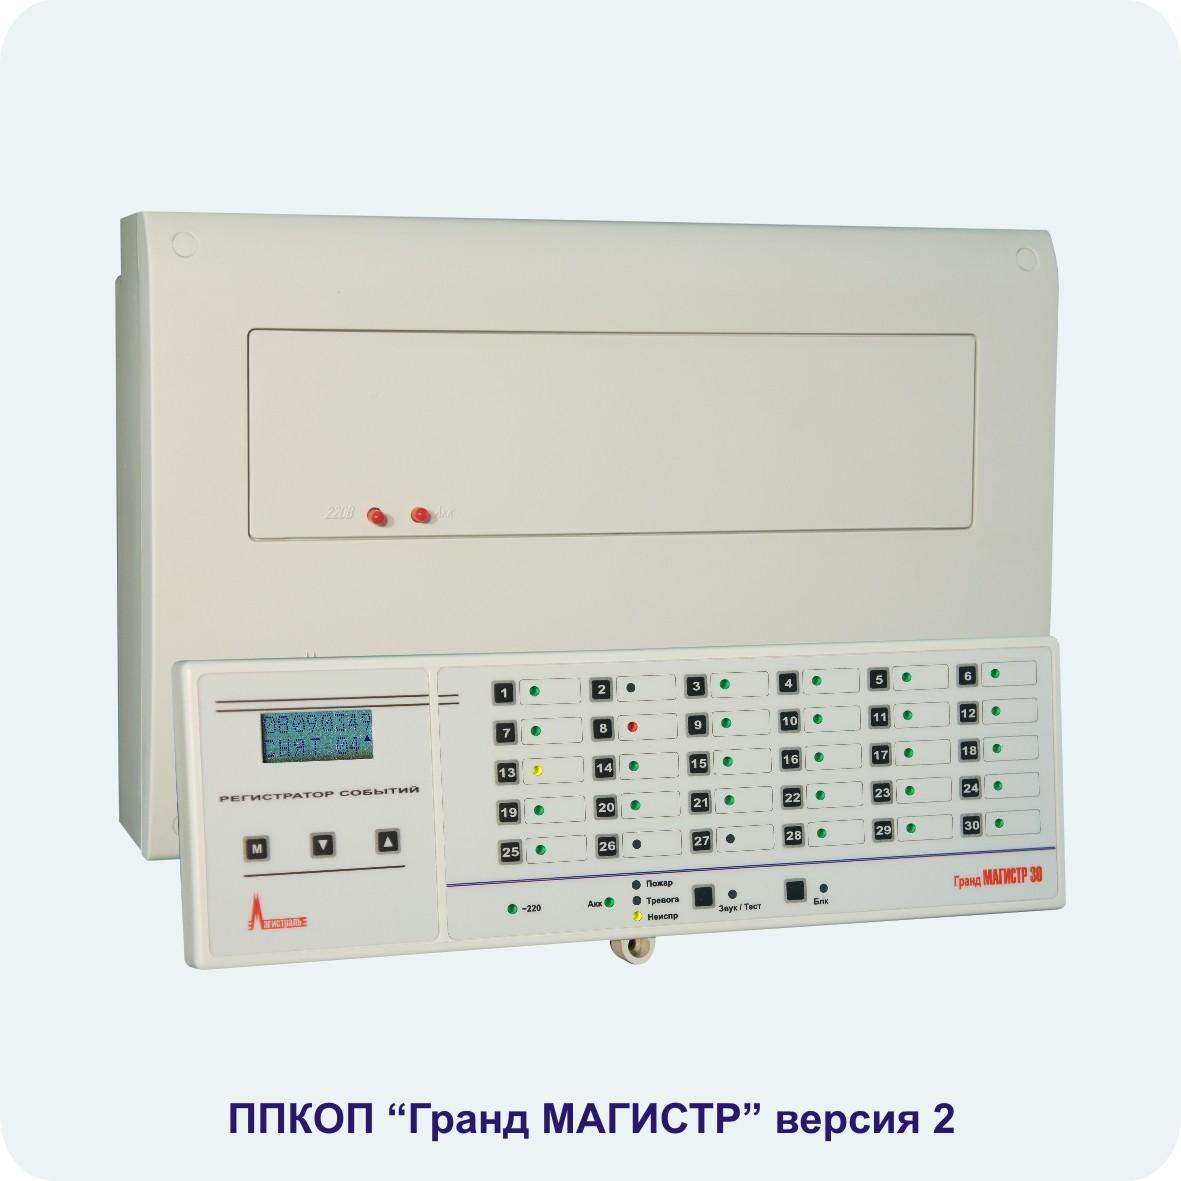 Гранд Магистр РС версия прибор приемно контрольный охранно  Гранд Магистр 30 РС версия 2